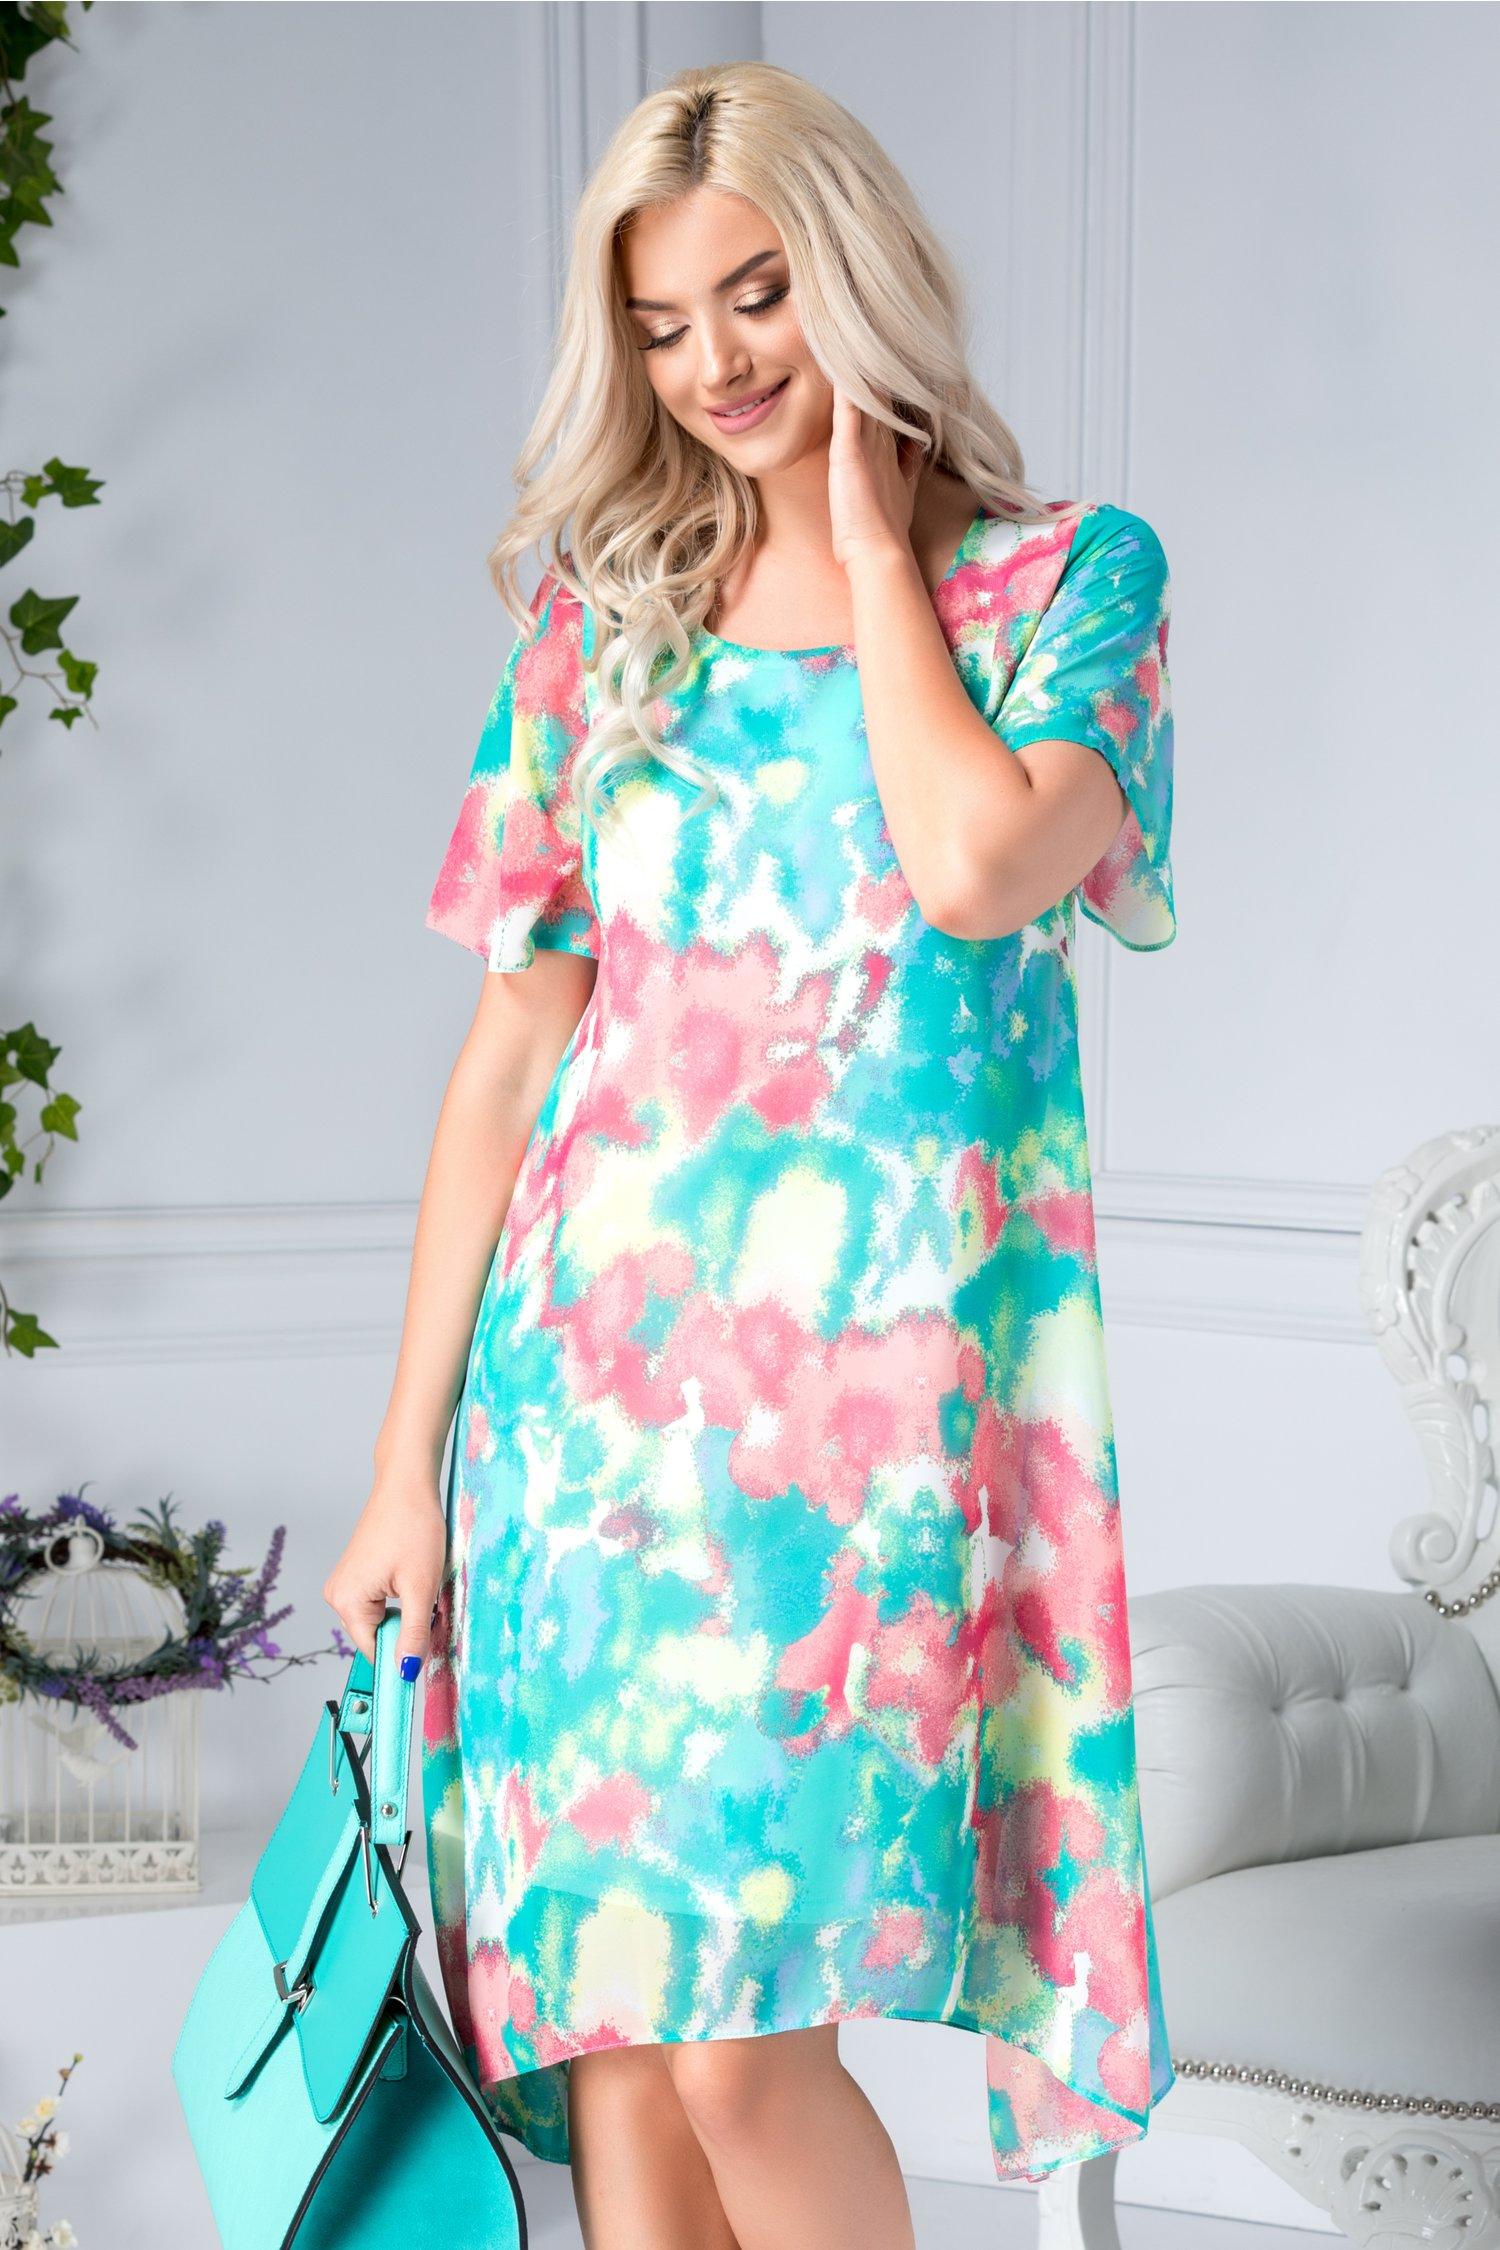 Rochie Monica conica bleumarin cu flori colorate